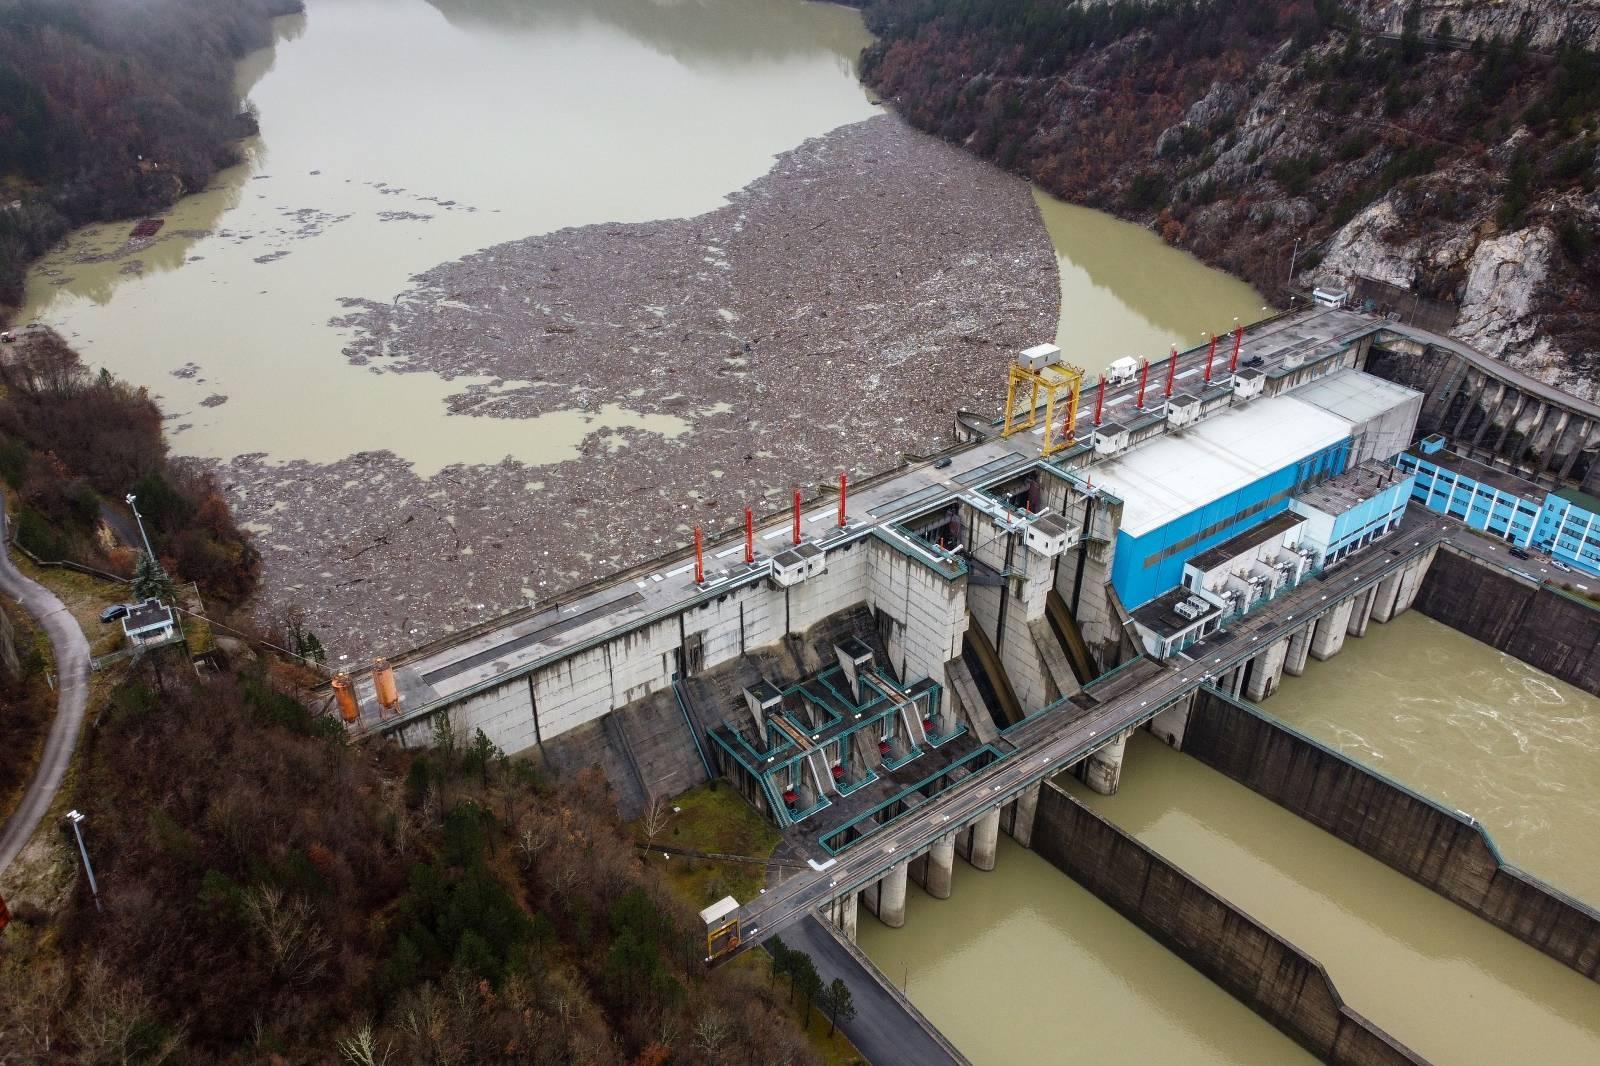 Pogled iz zraka na tisuće kubika otpada koji je zagadilo rijeku Drinu